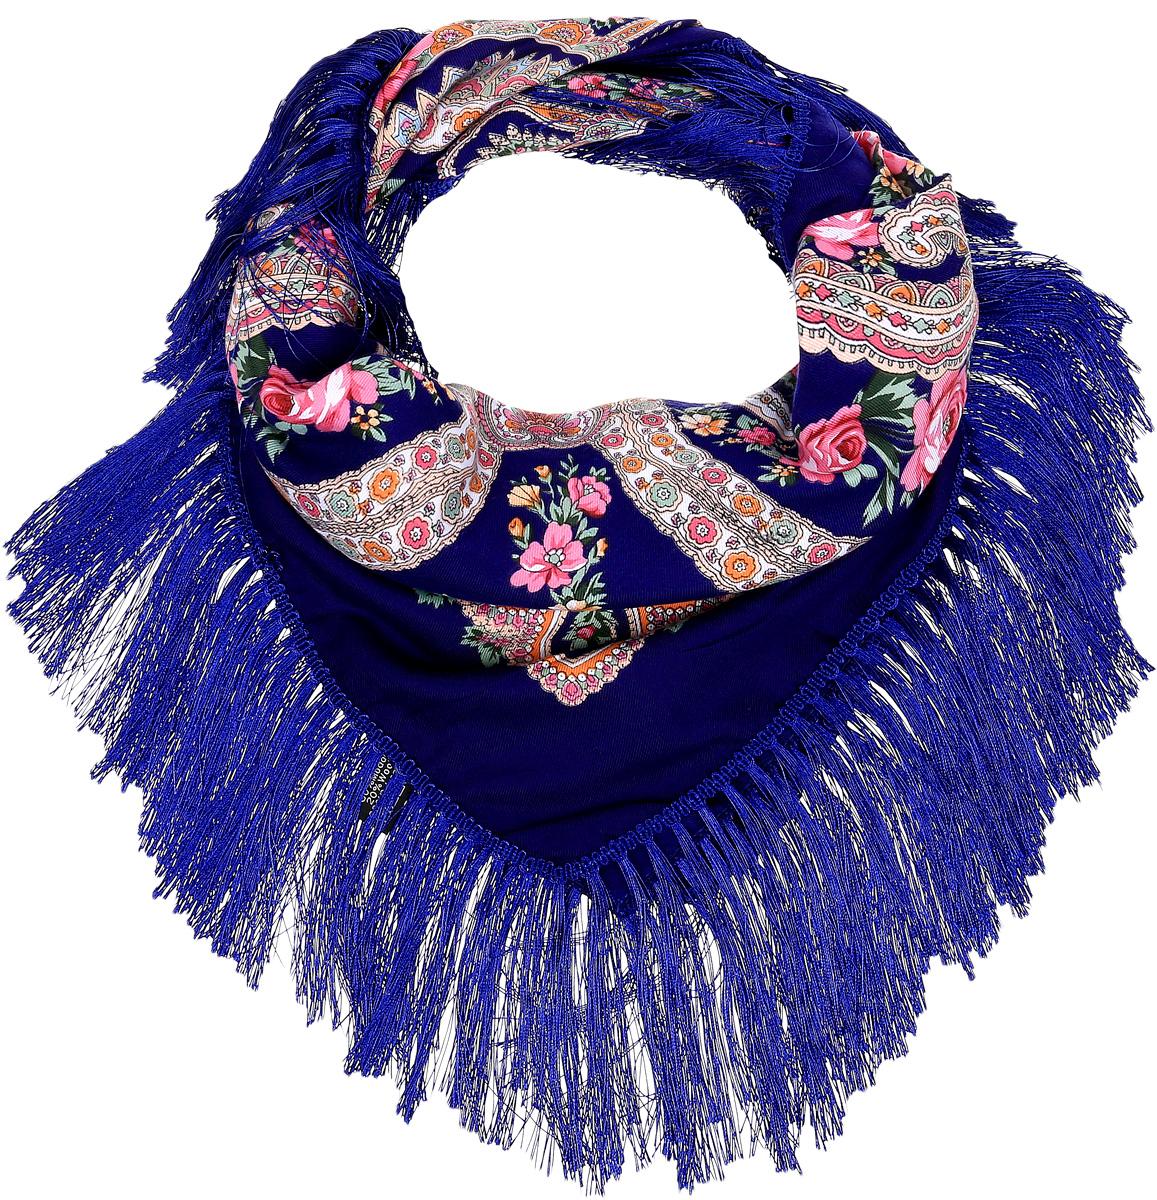 YY-21660-1Элегантный платок Sophie Ramage станет достойным завершением вашего образа. Платок изготовлен из модала с добавлением шерсти и полиэстера. Оформлена модель яркими цветочными узорами в стиле хохломы и дополнена стильной бахромой. Платок красиво драпируется, он превосходно дополнит любой наряд и подчеркнет ваш изысканный вкус. Легкий и изящный платок привнесет в ваш образ утонченность и шарм.